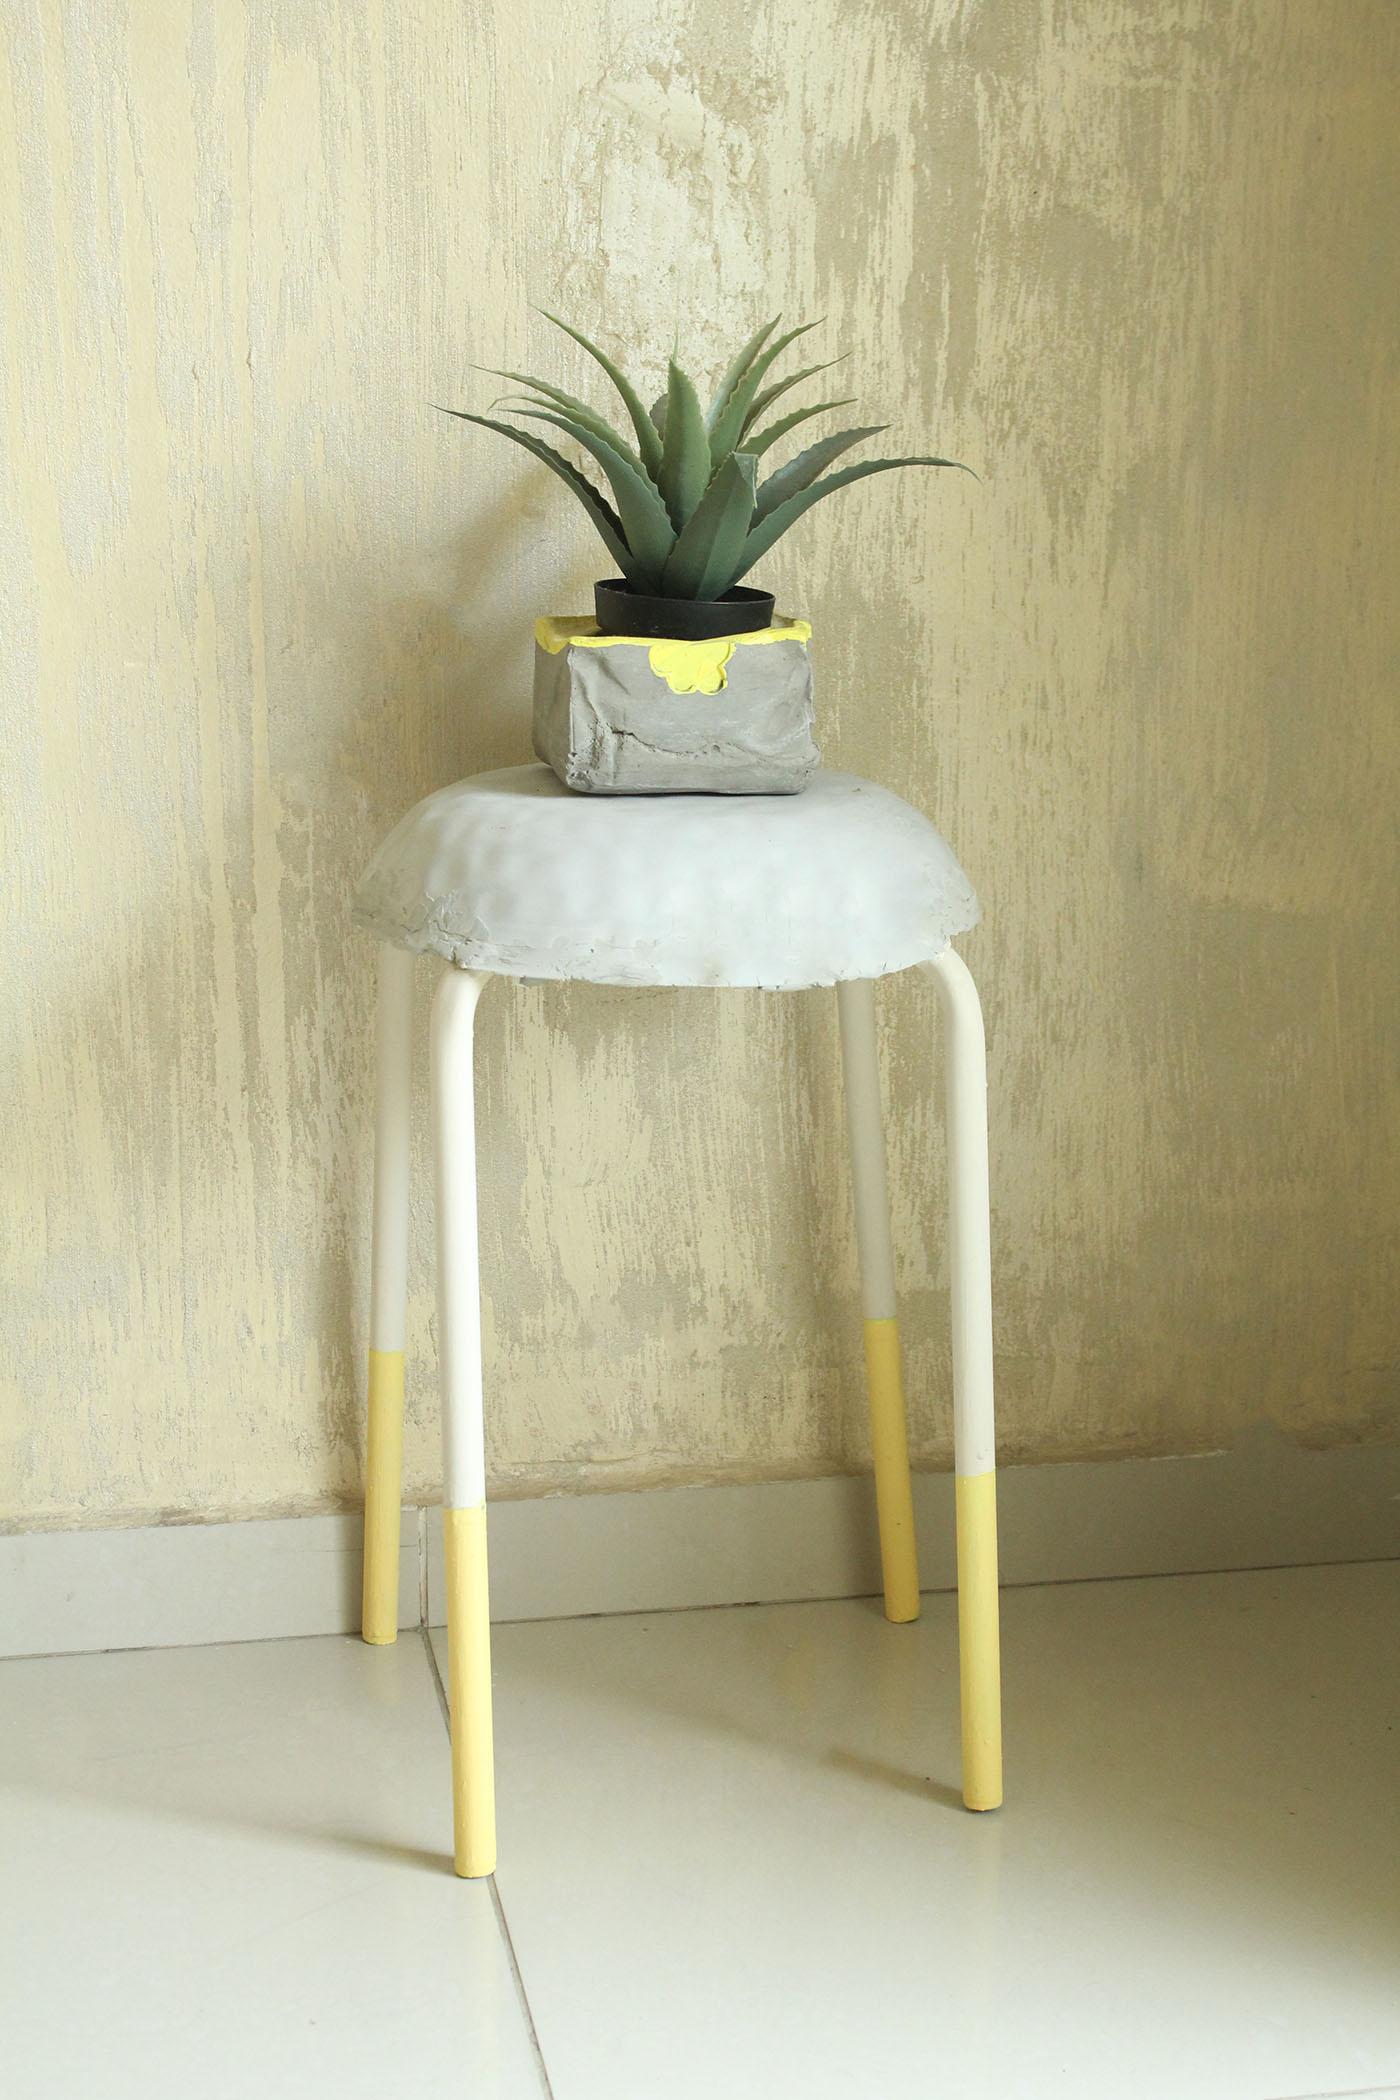 IMG 8944 - רהיטים קטנים ממלט